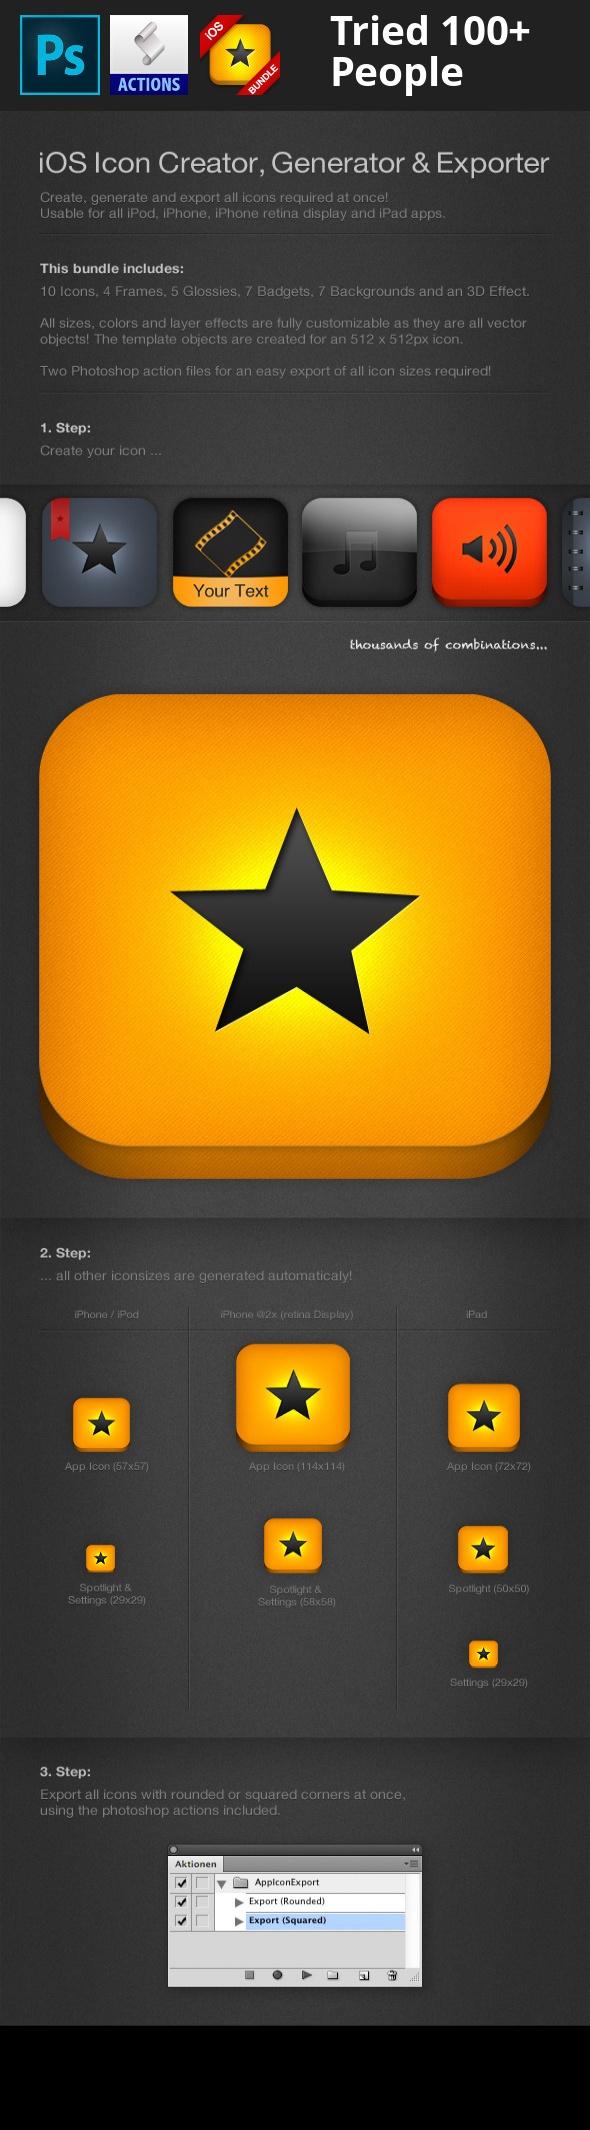 iOS Bundle Icon Creator, Generator & Exporter Ios app